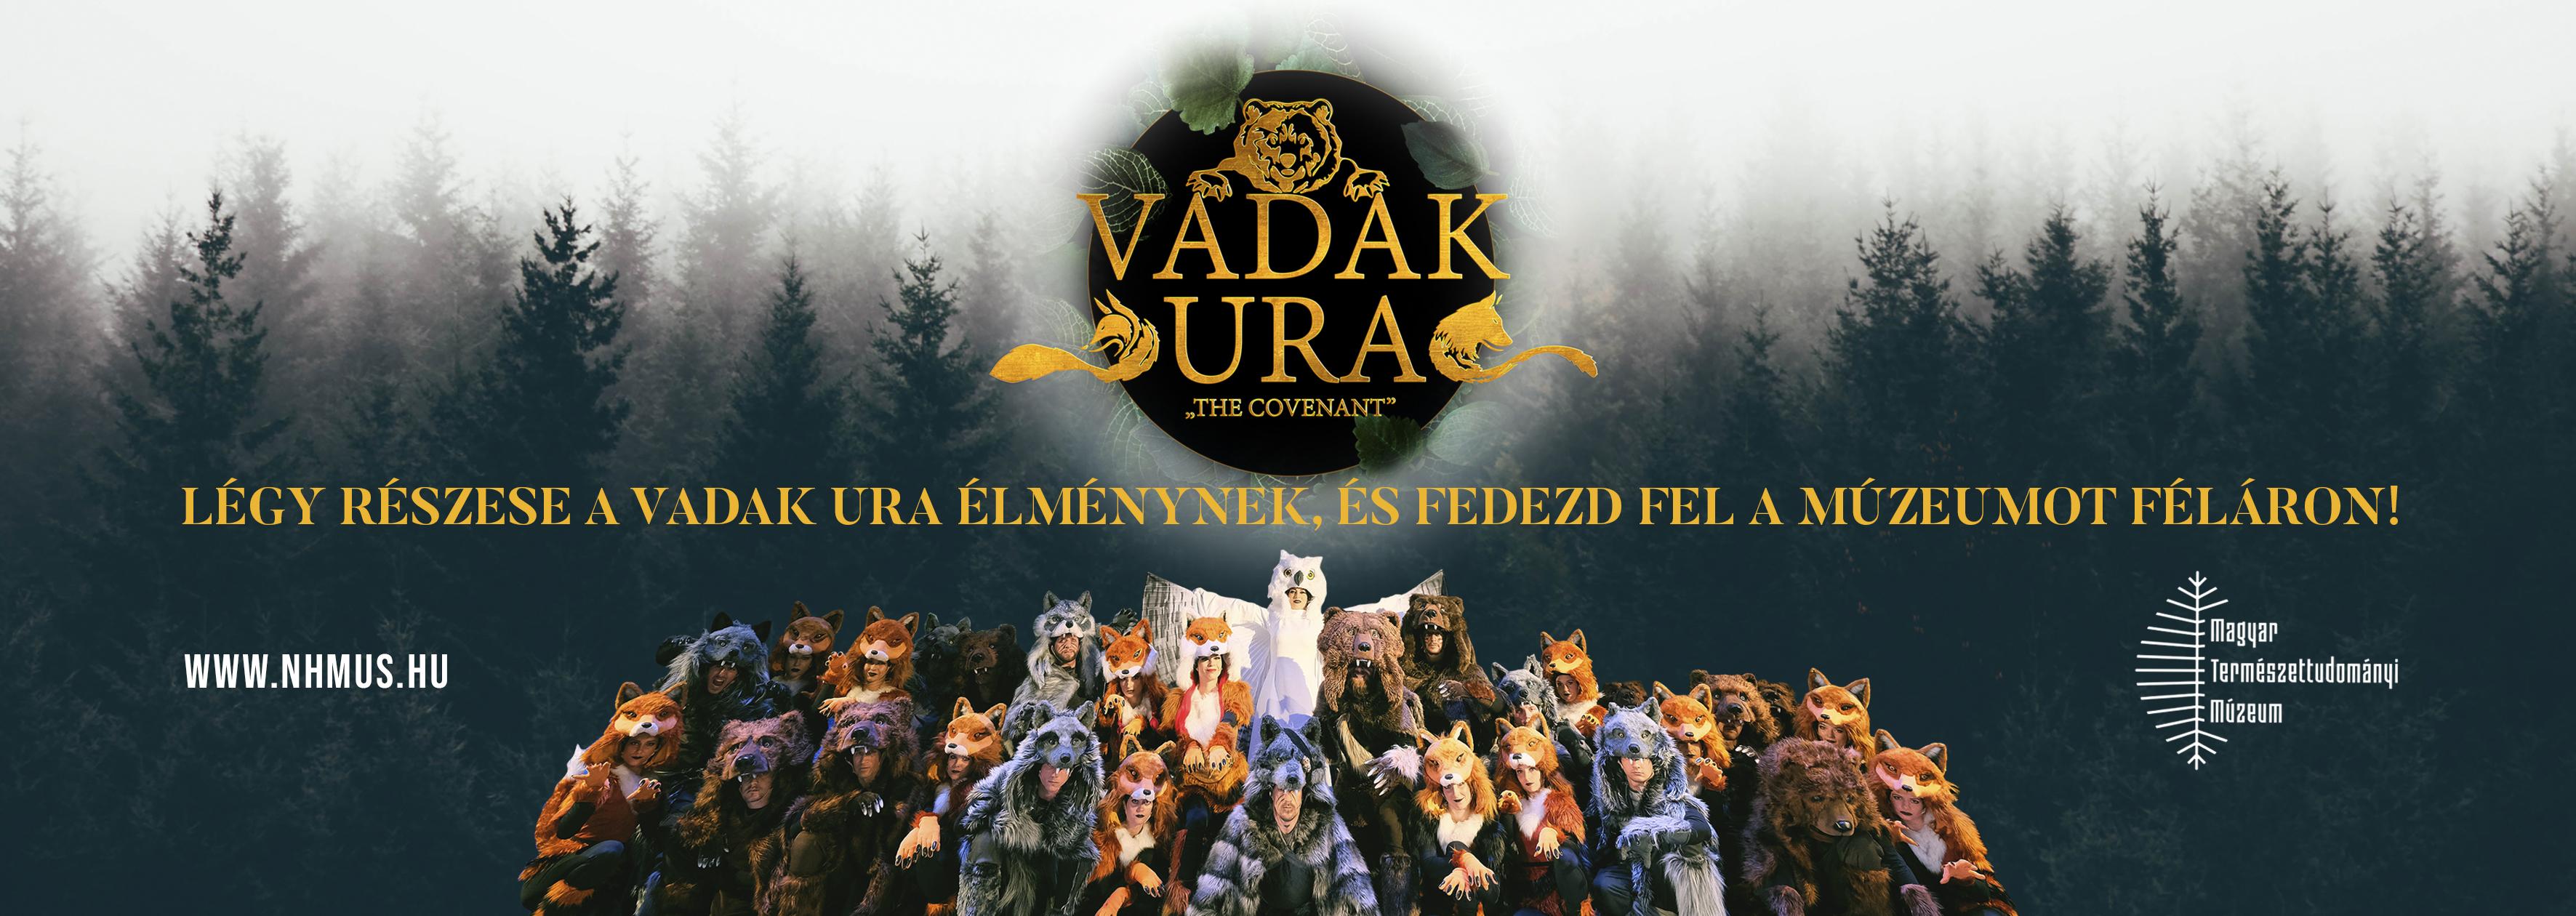 Vadak Ura musical - Fedezd fel a múzeumot féláron!